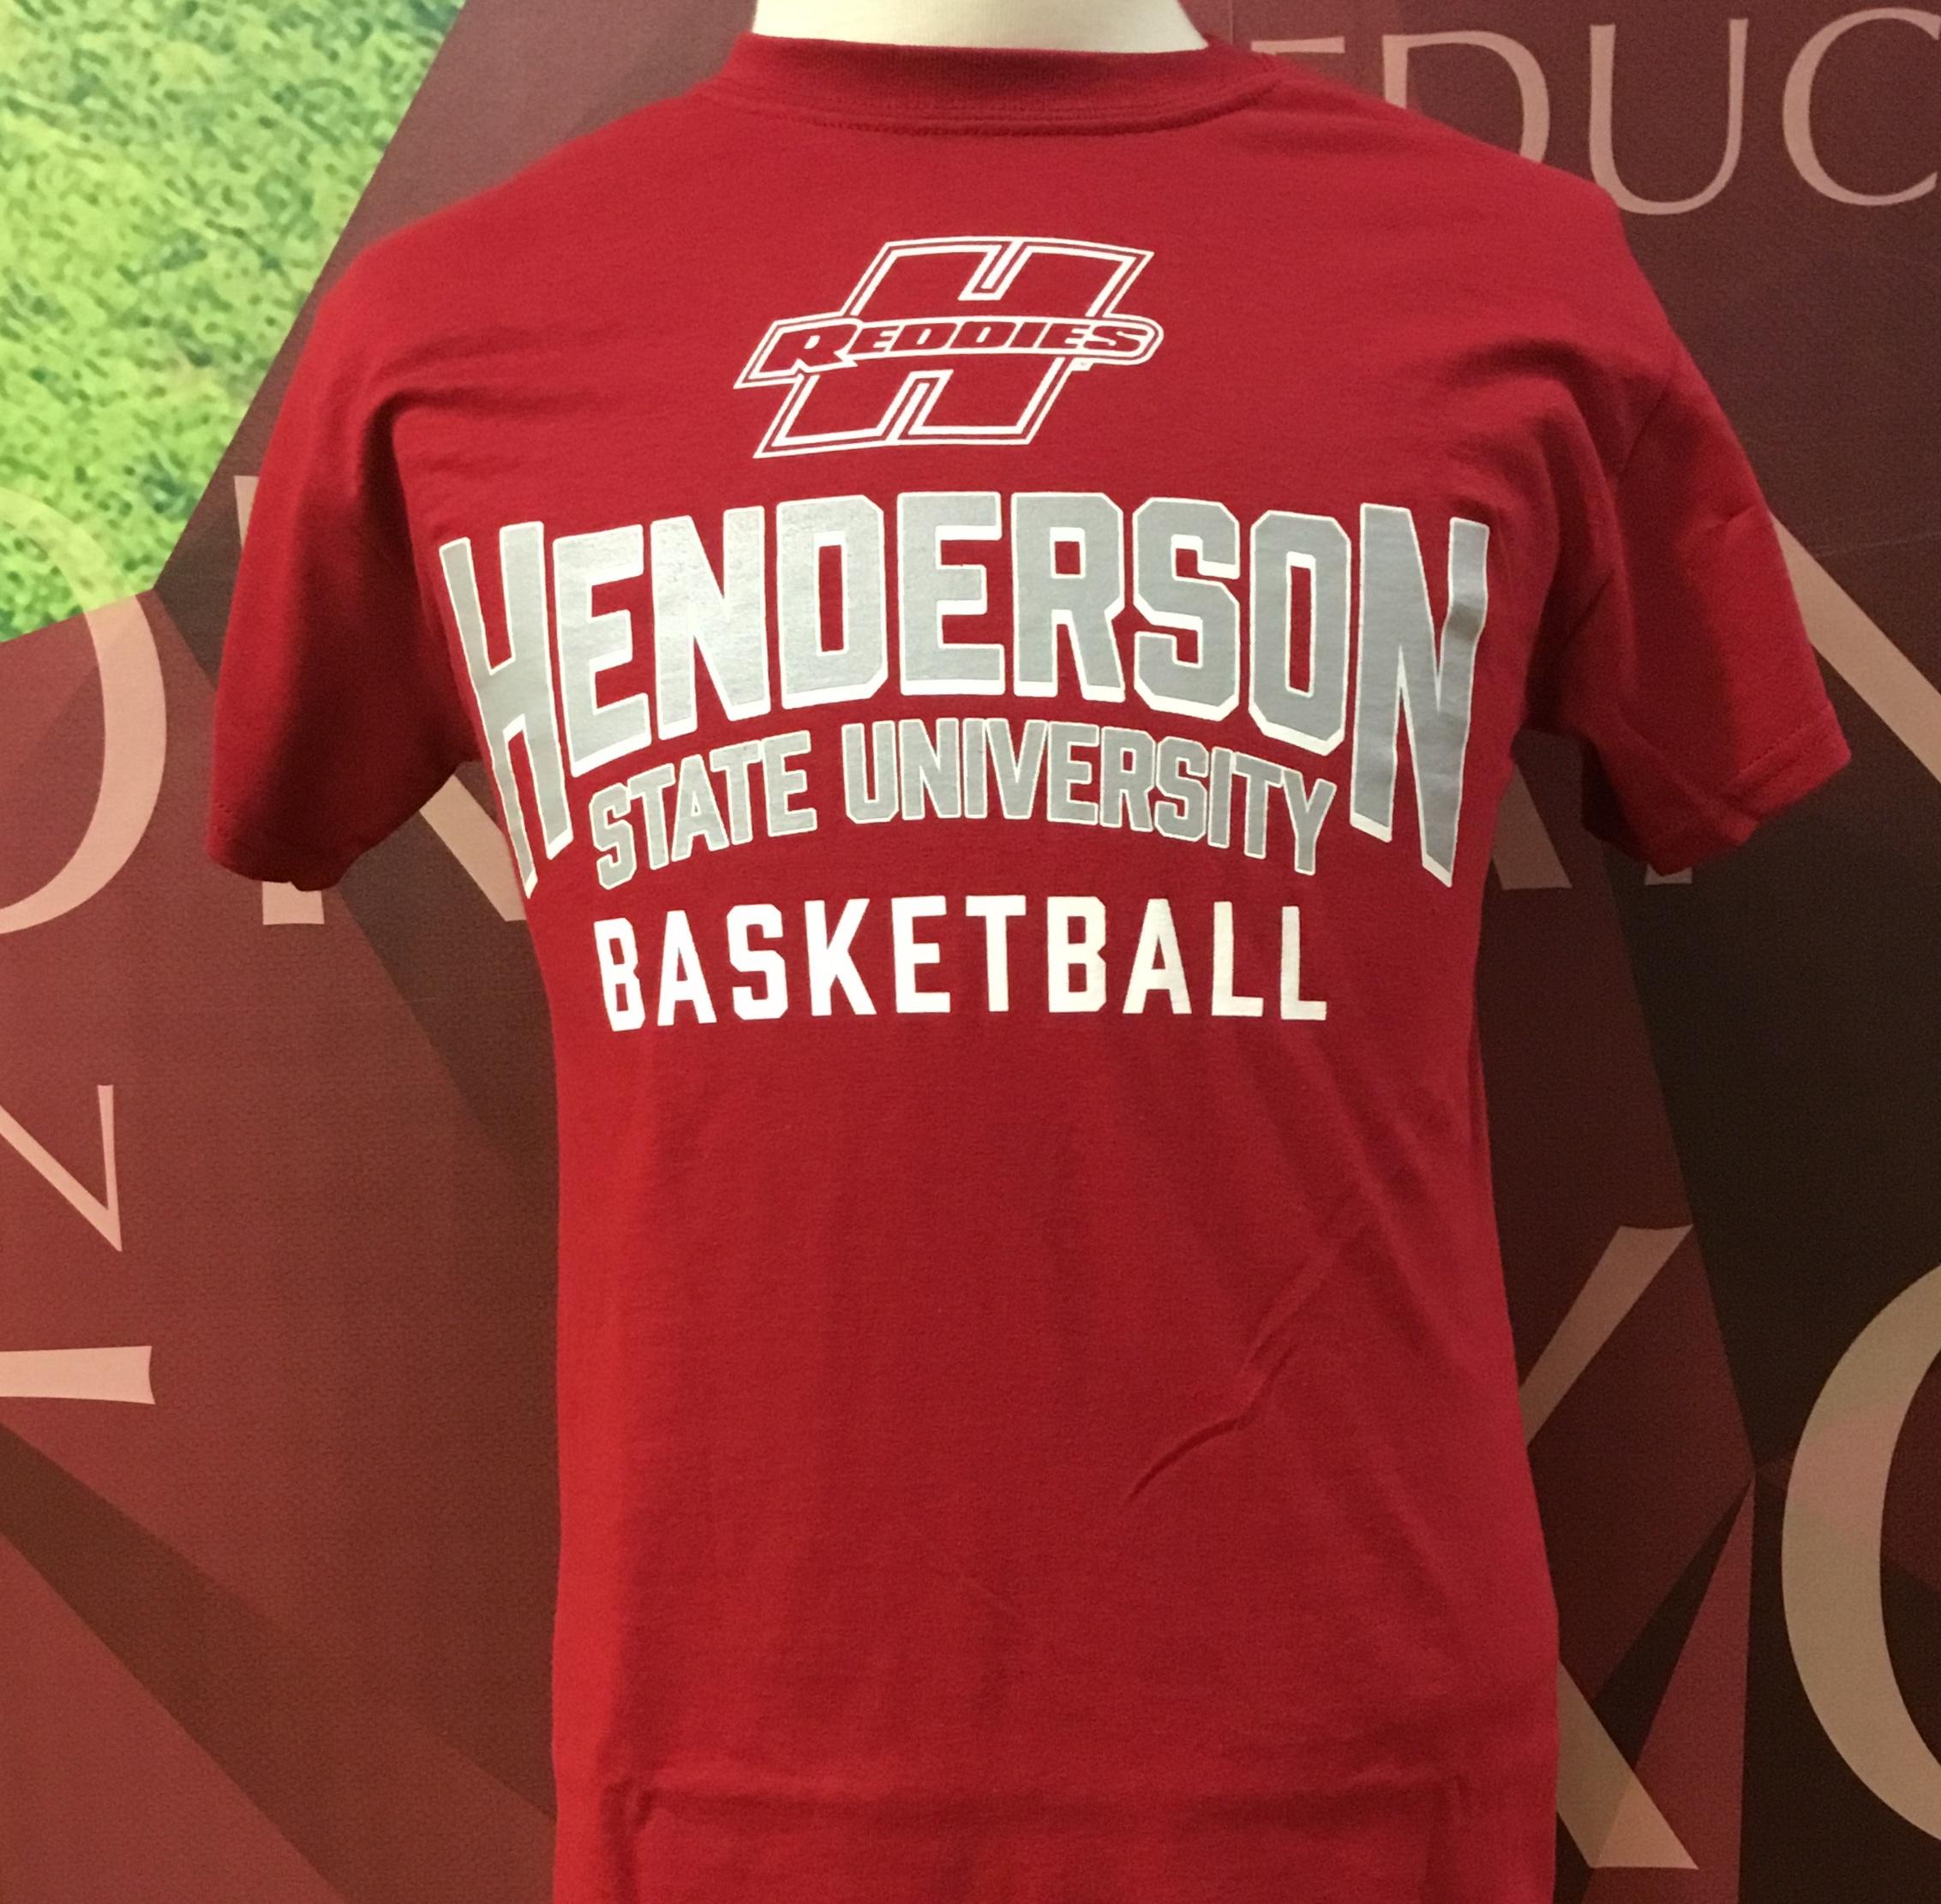 Henderson State University Basketball Short Sleeve T-Shirt